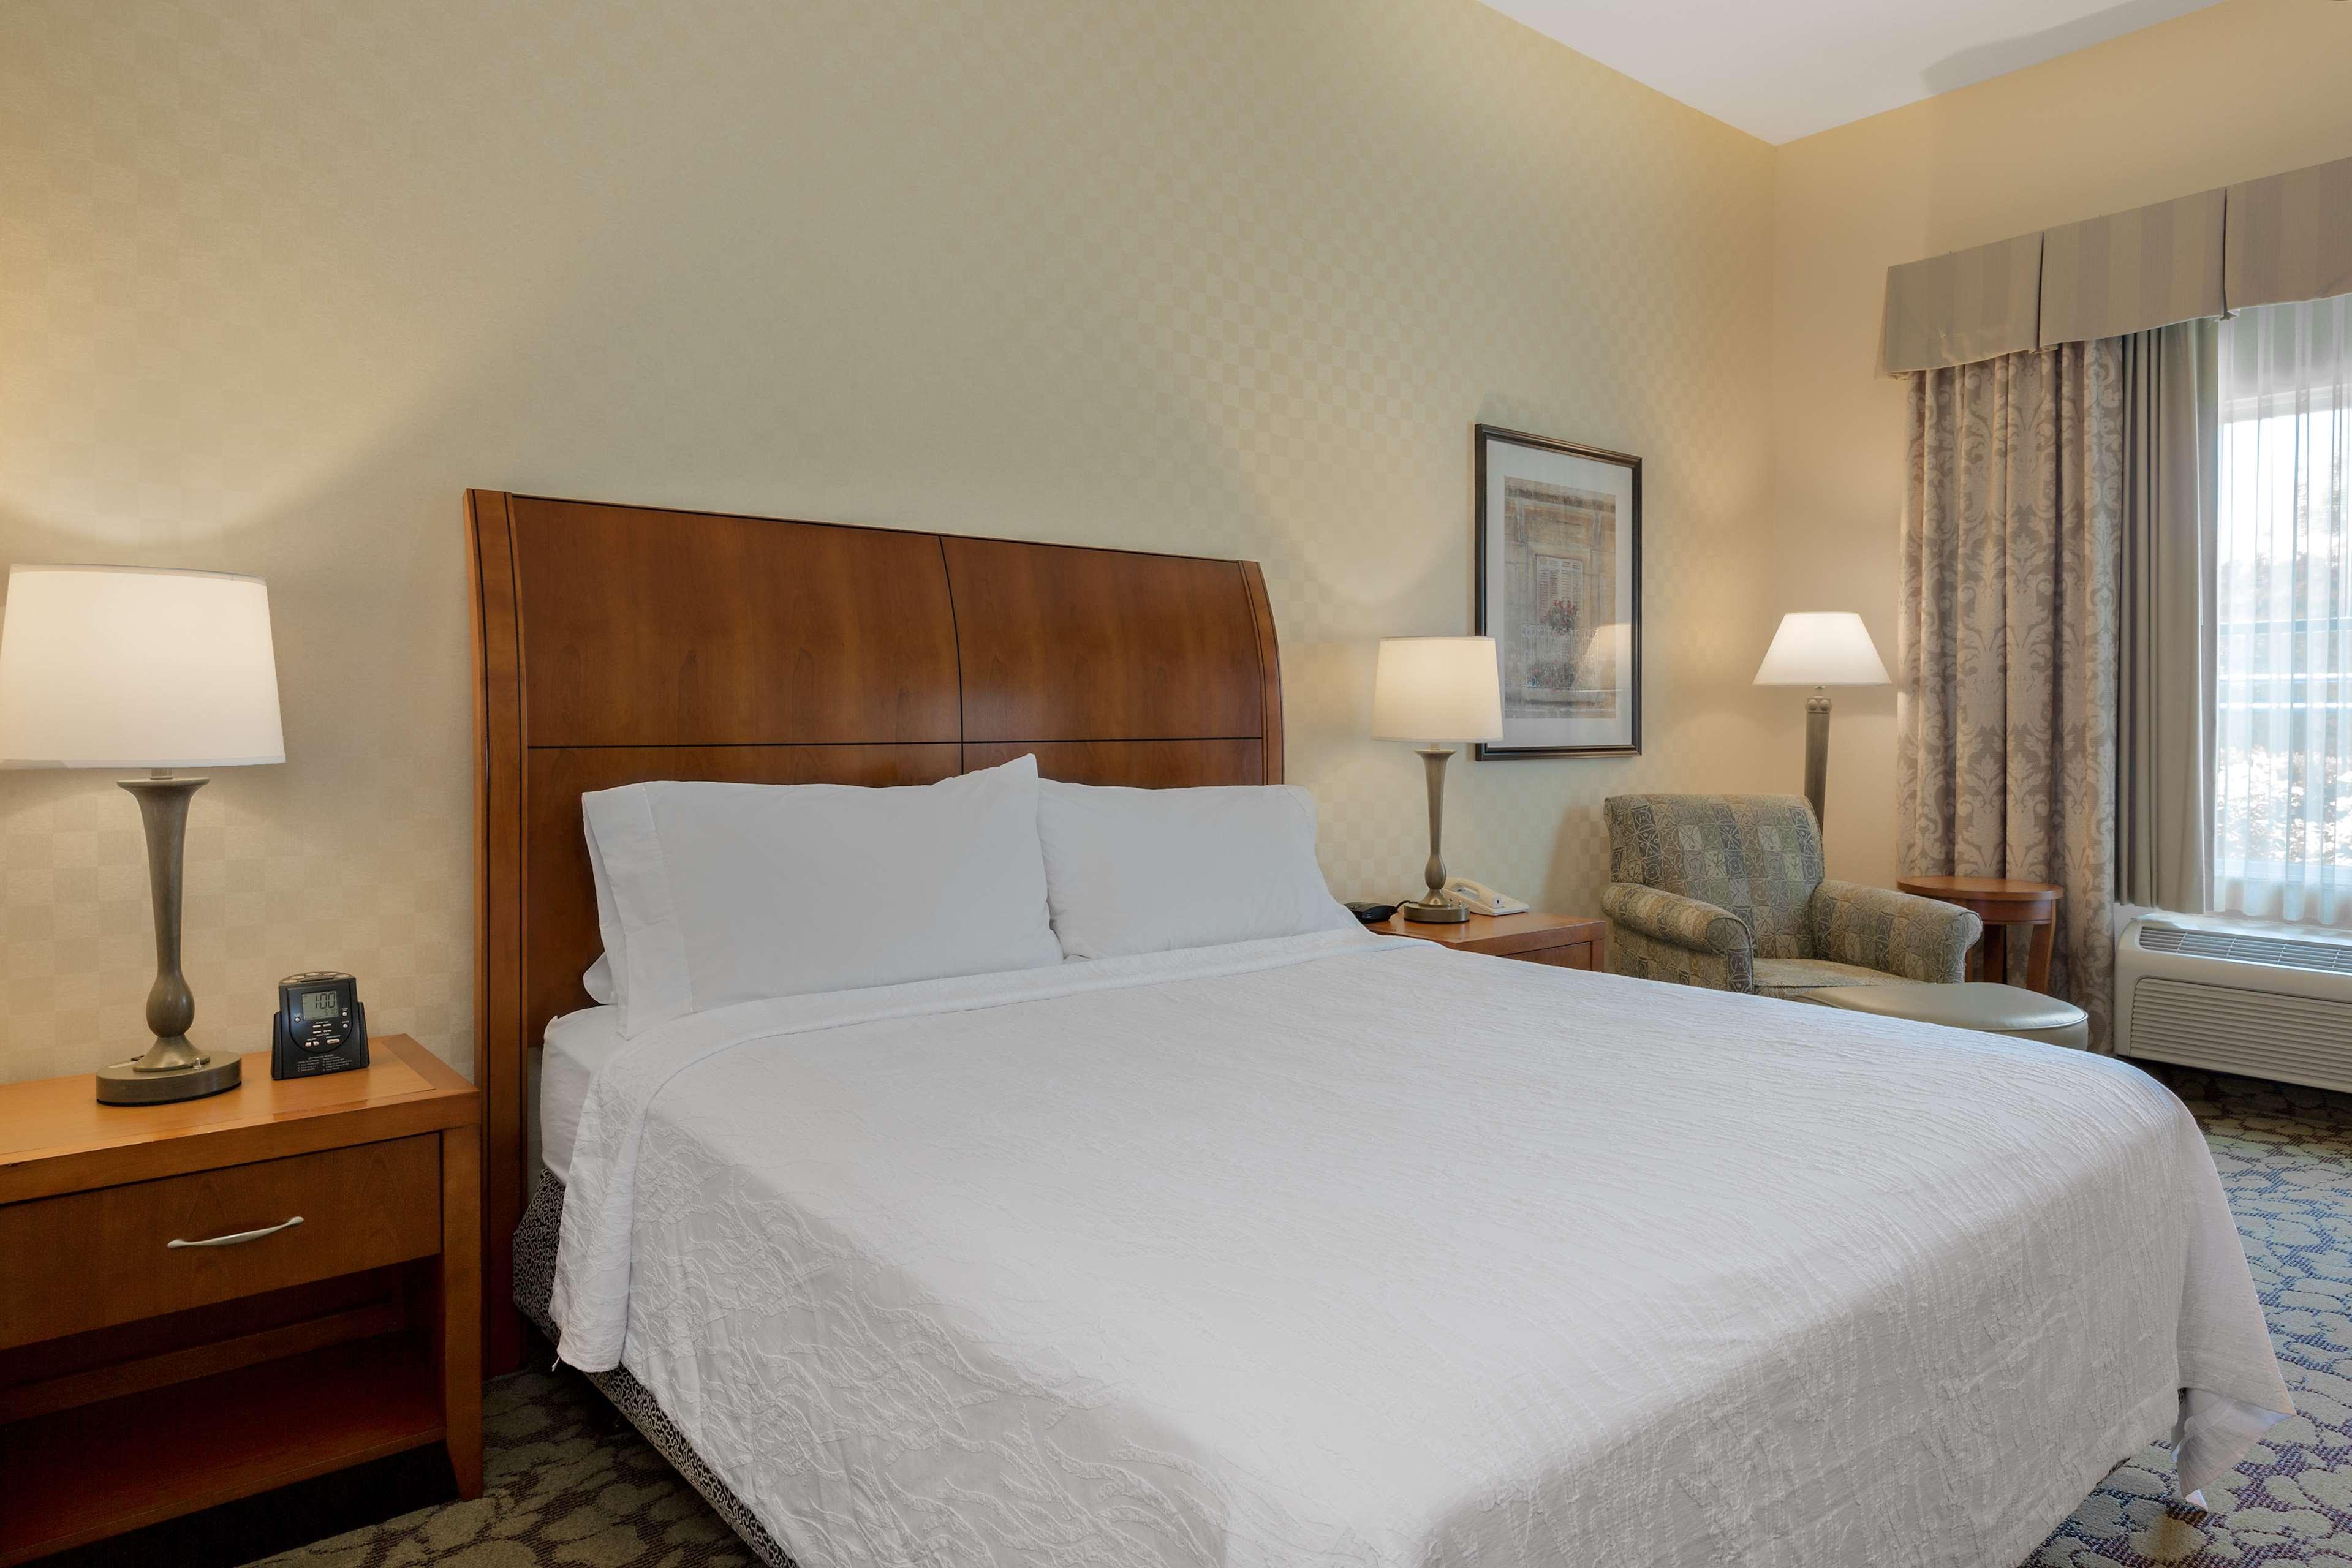 Hilton Garden Inn Sacramento Elk Grove image 24